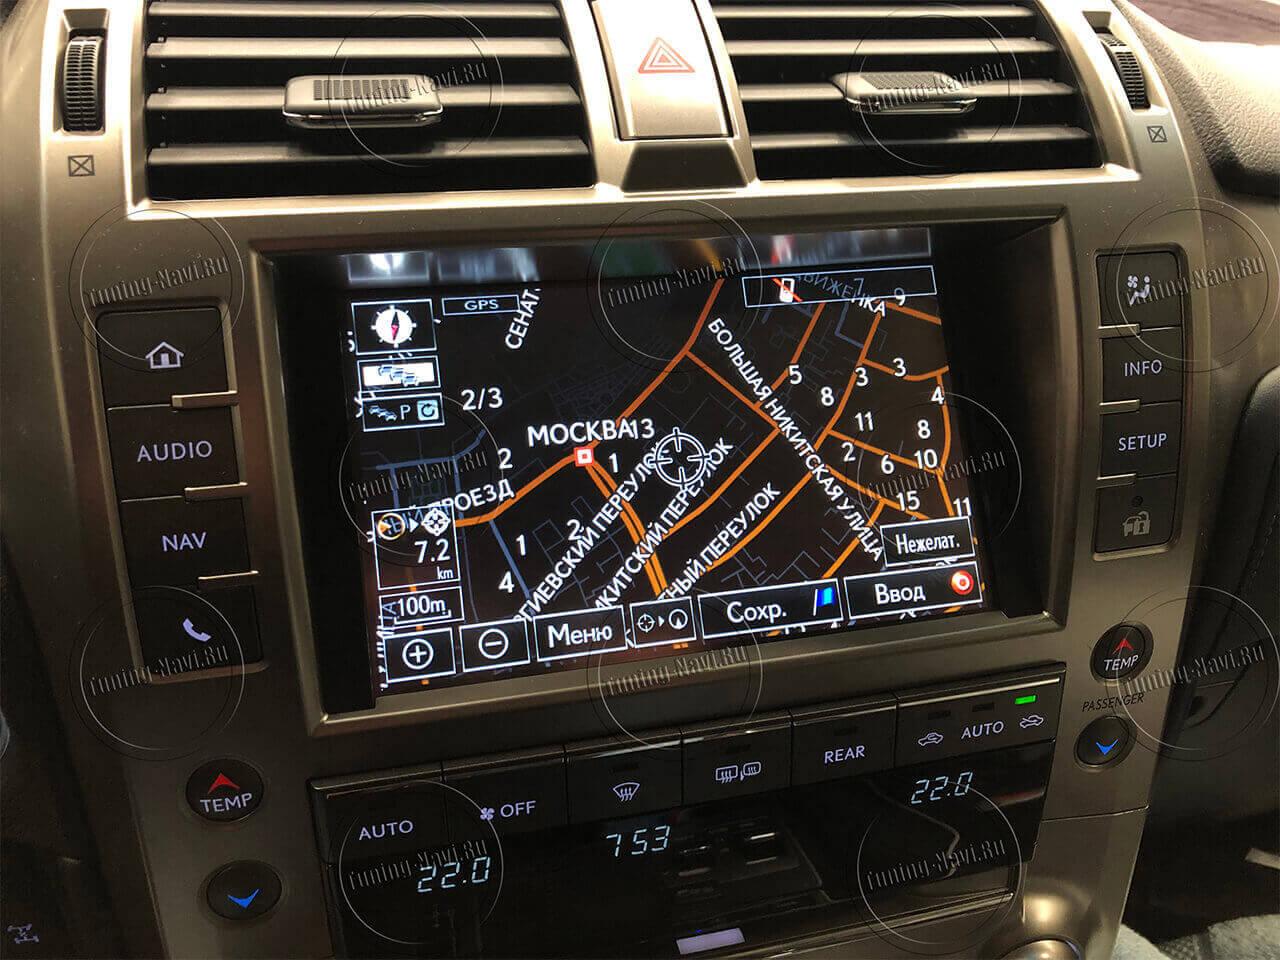 navigatsiya-lexus-gx-460_3